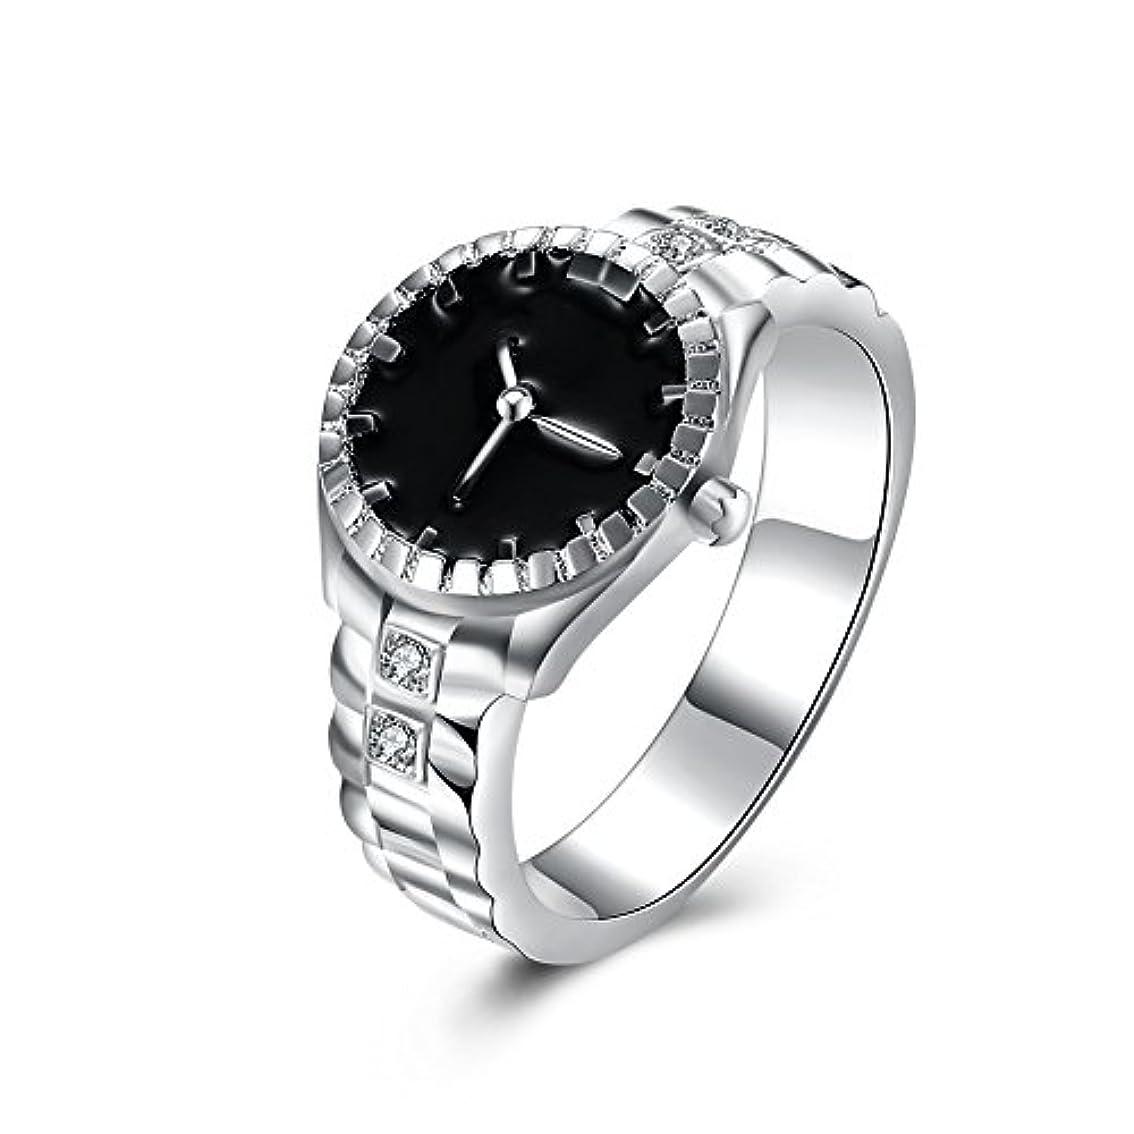 メンダシティ貪欲説明的925スターリングシルバーメッキ時計型ダイヤモンドリングファッションジュエリー周年記念ギフト (マルチカラー)